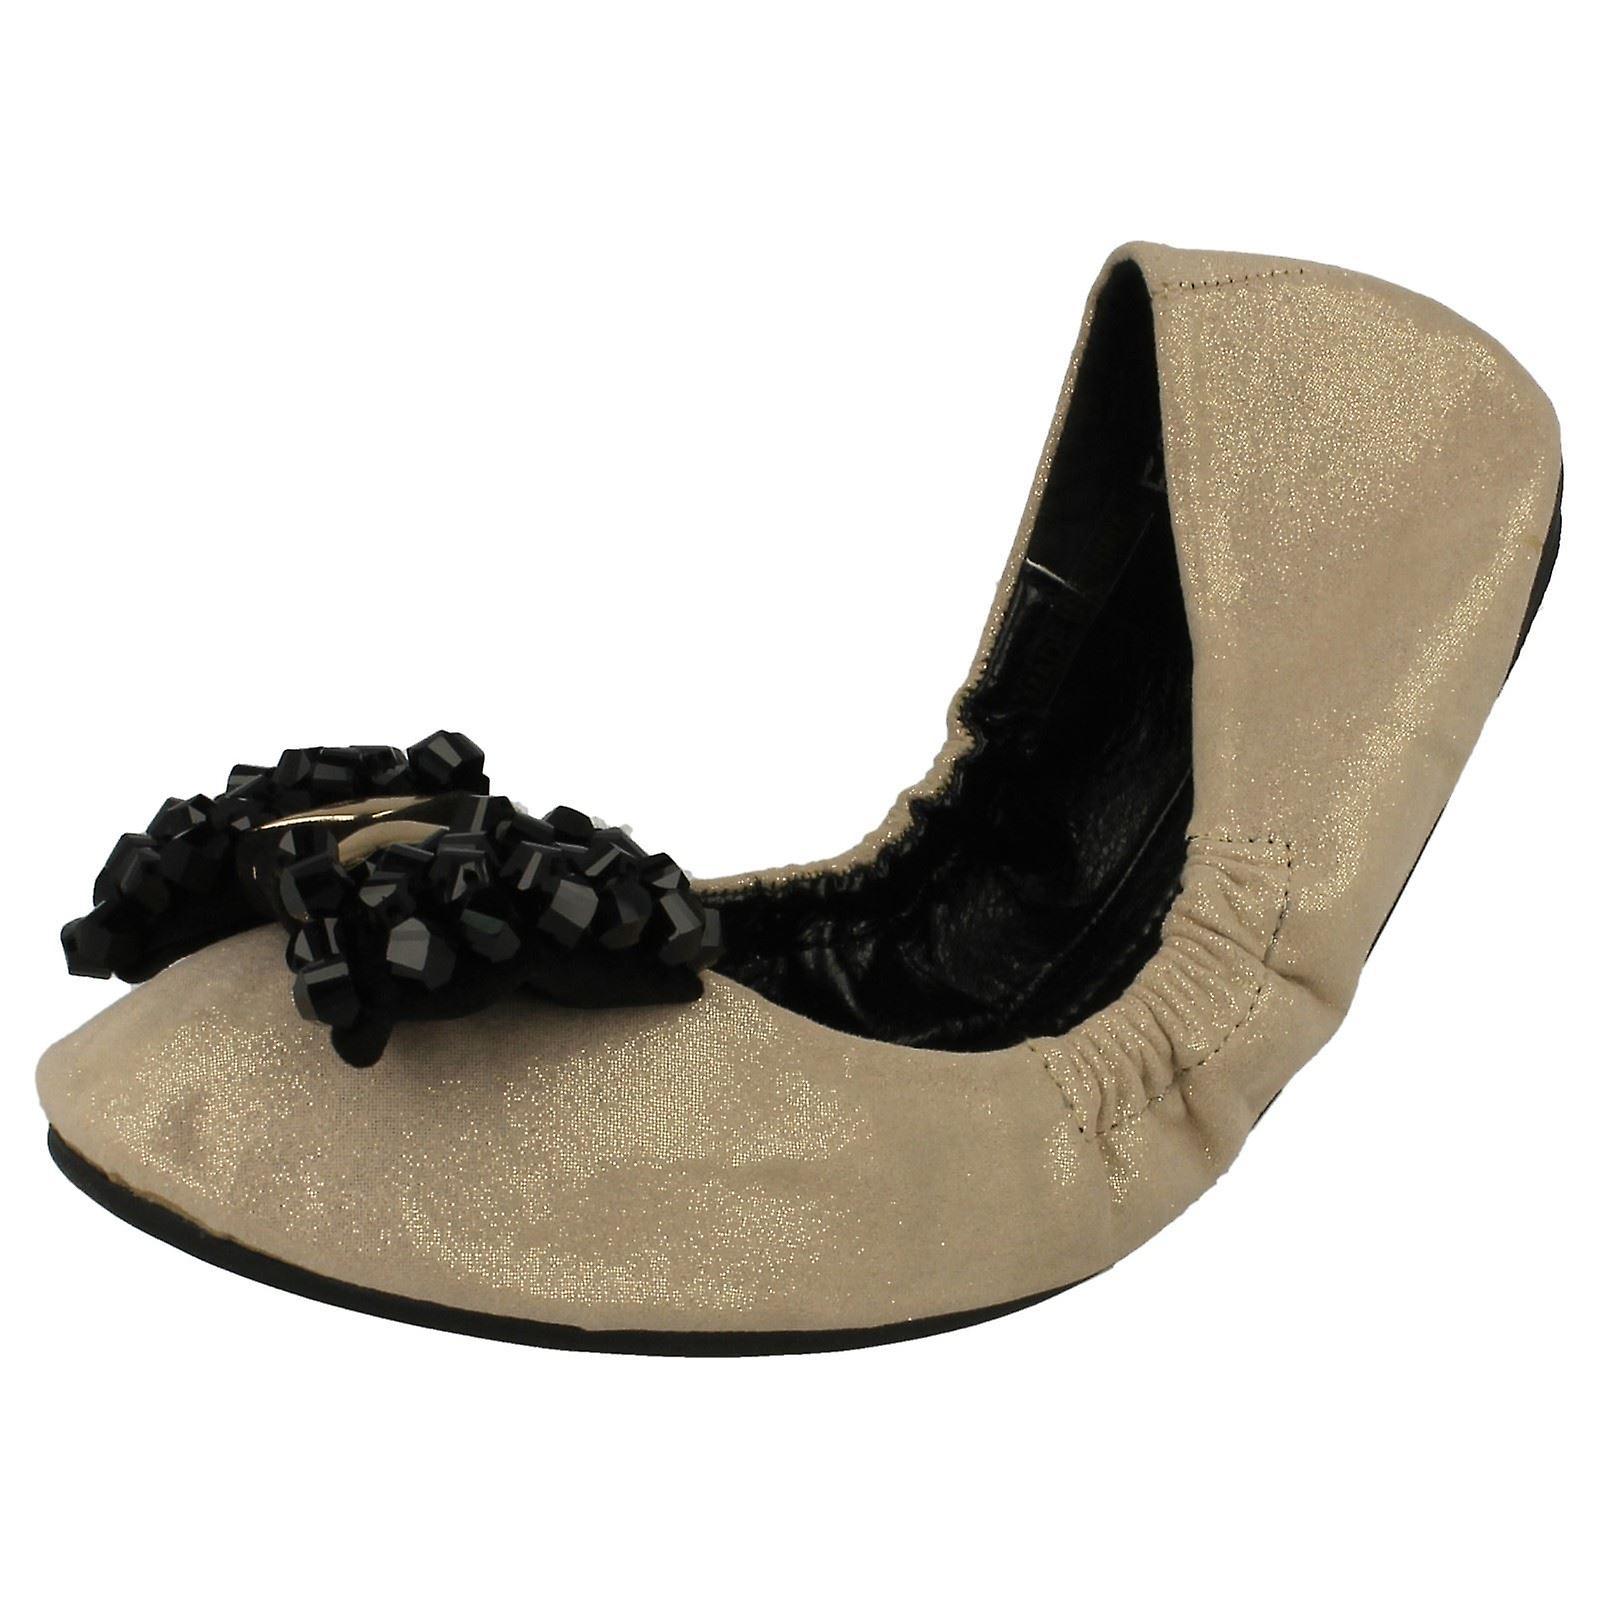 Panie miejsce na buty Dolly składany a4DQs